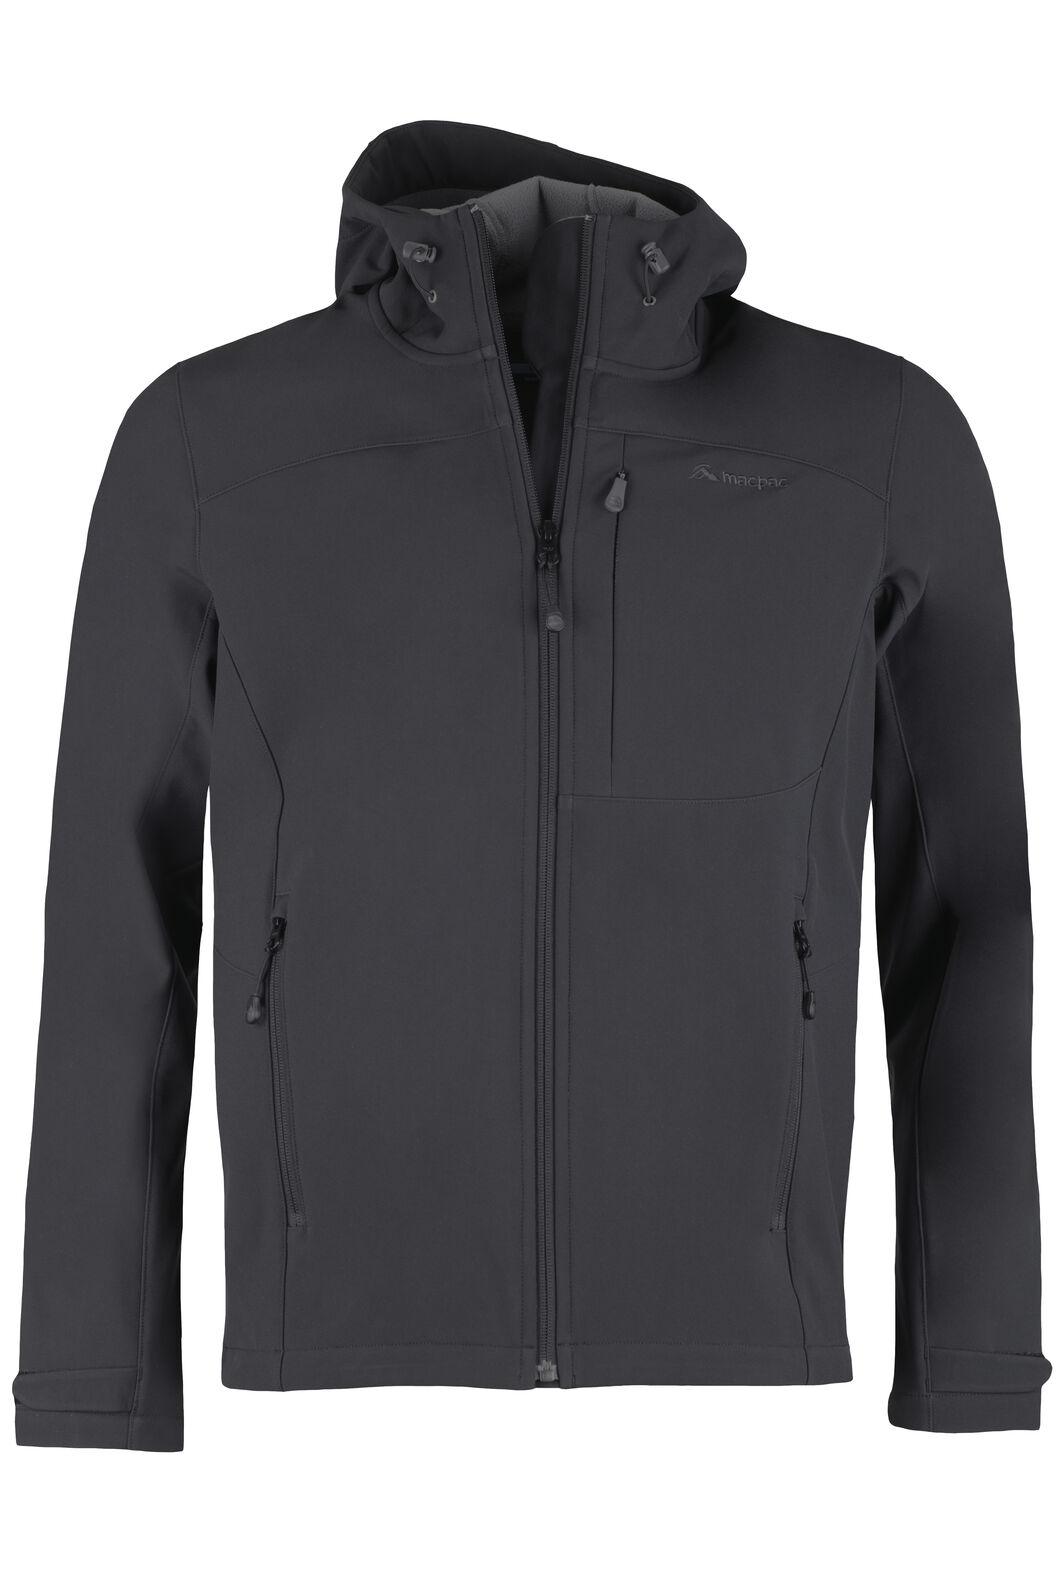 Sabre Hooded Softshell Jacket - Men's, Black, hi-res